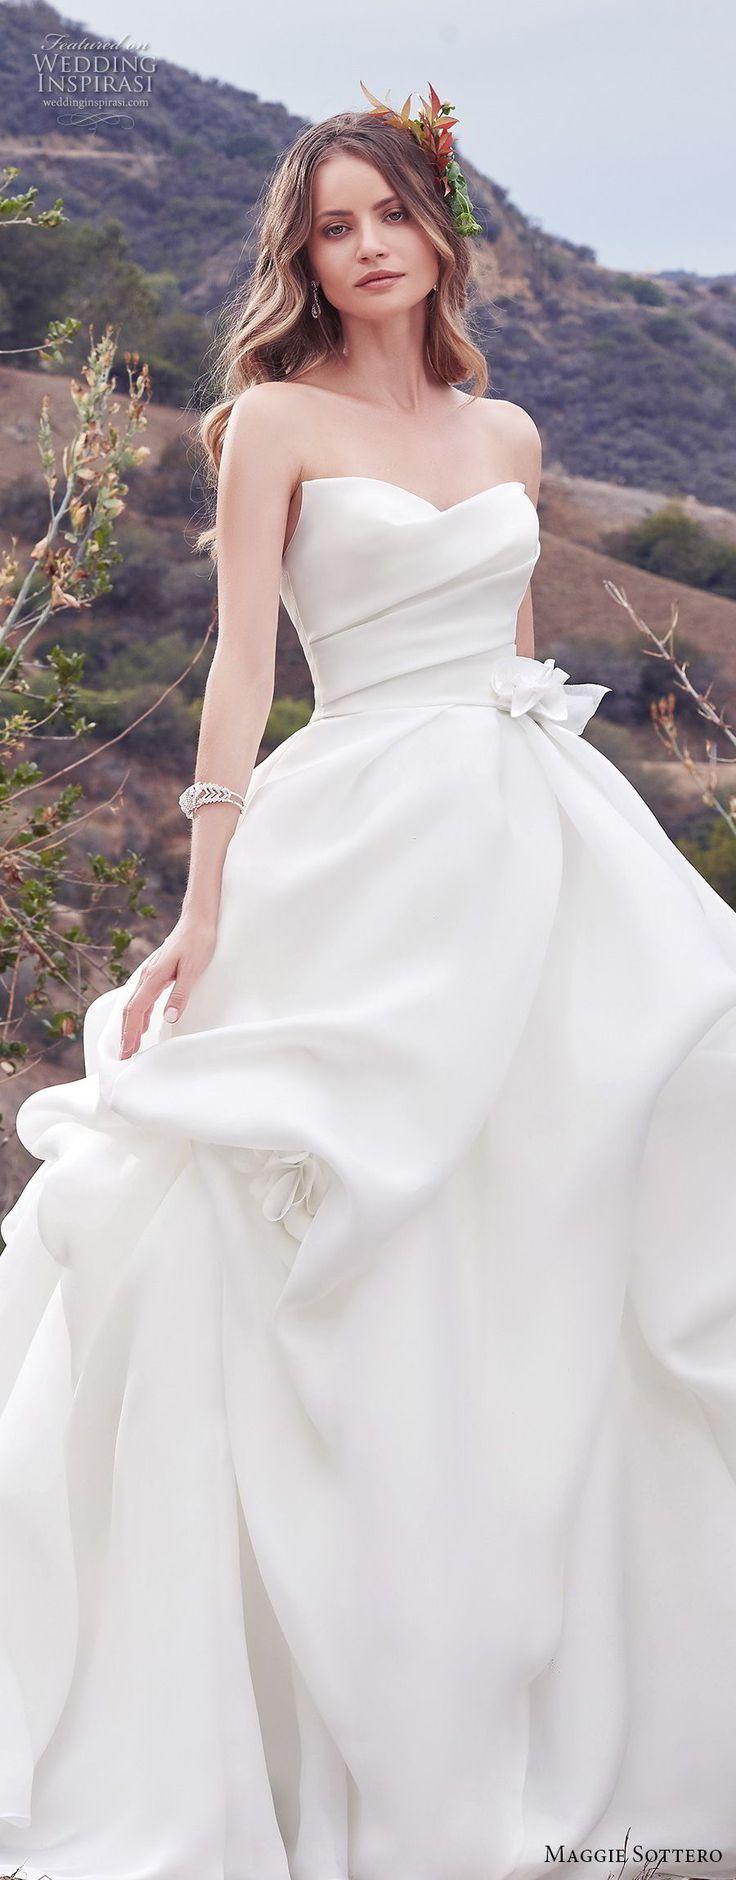 Maggie Sottero Herbst 2017 Braut trägerloses herzförmiges Ausschnitt einfaches Kleid mit Rüschen   – Hochzeitskleider